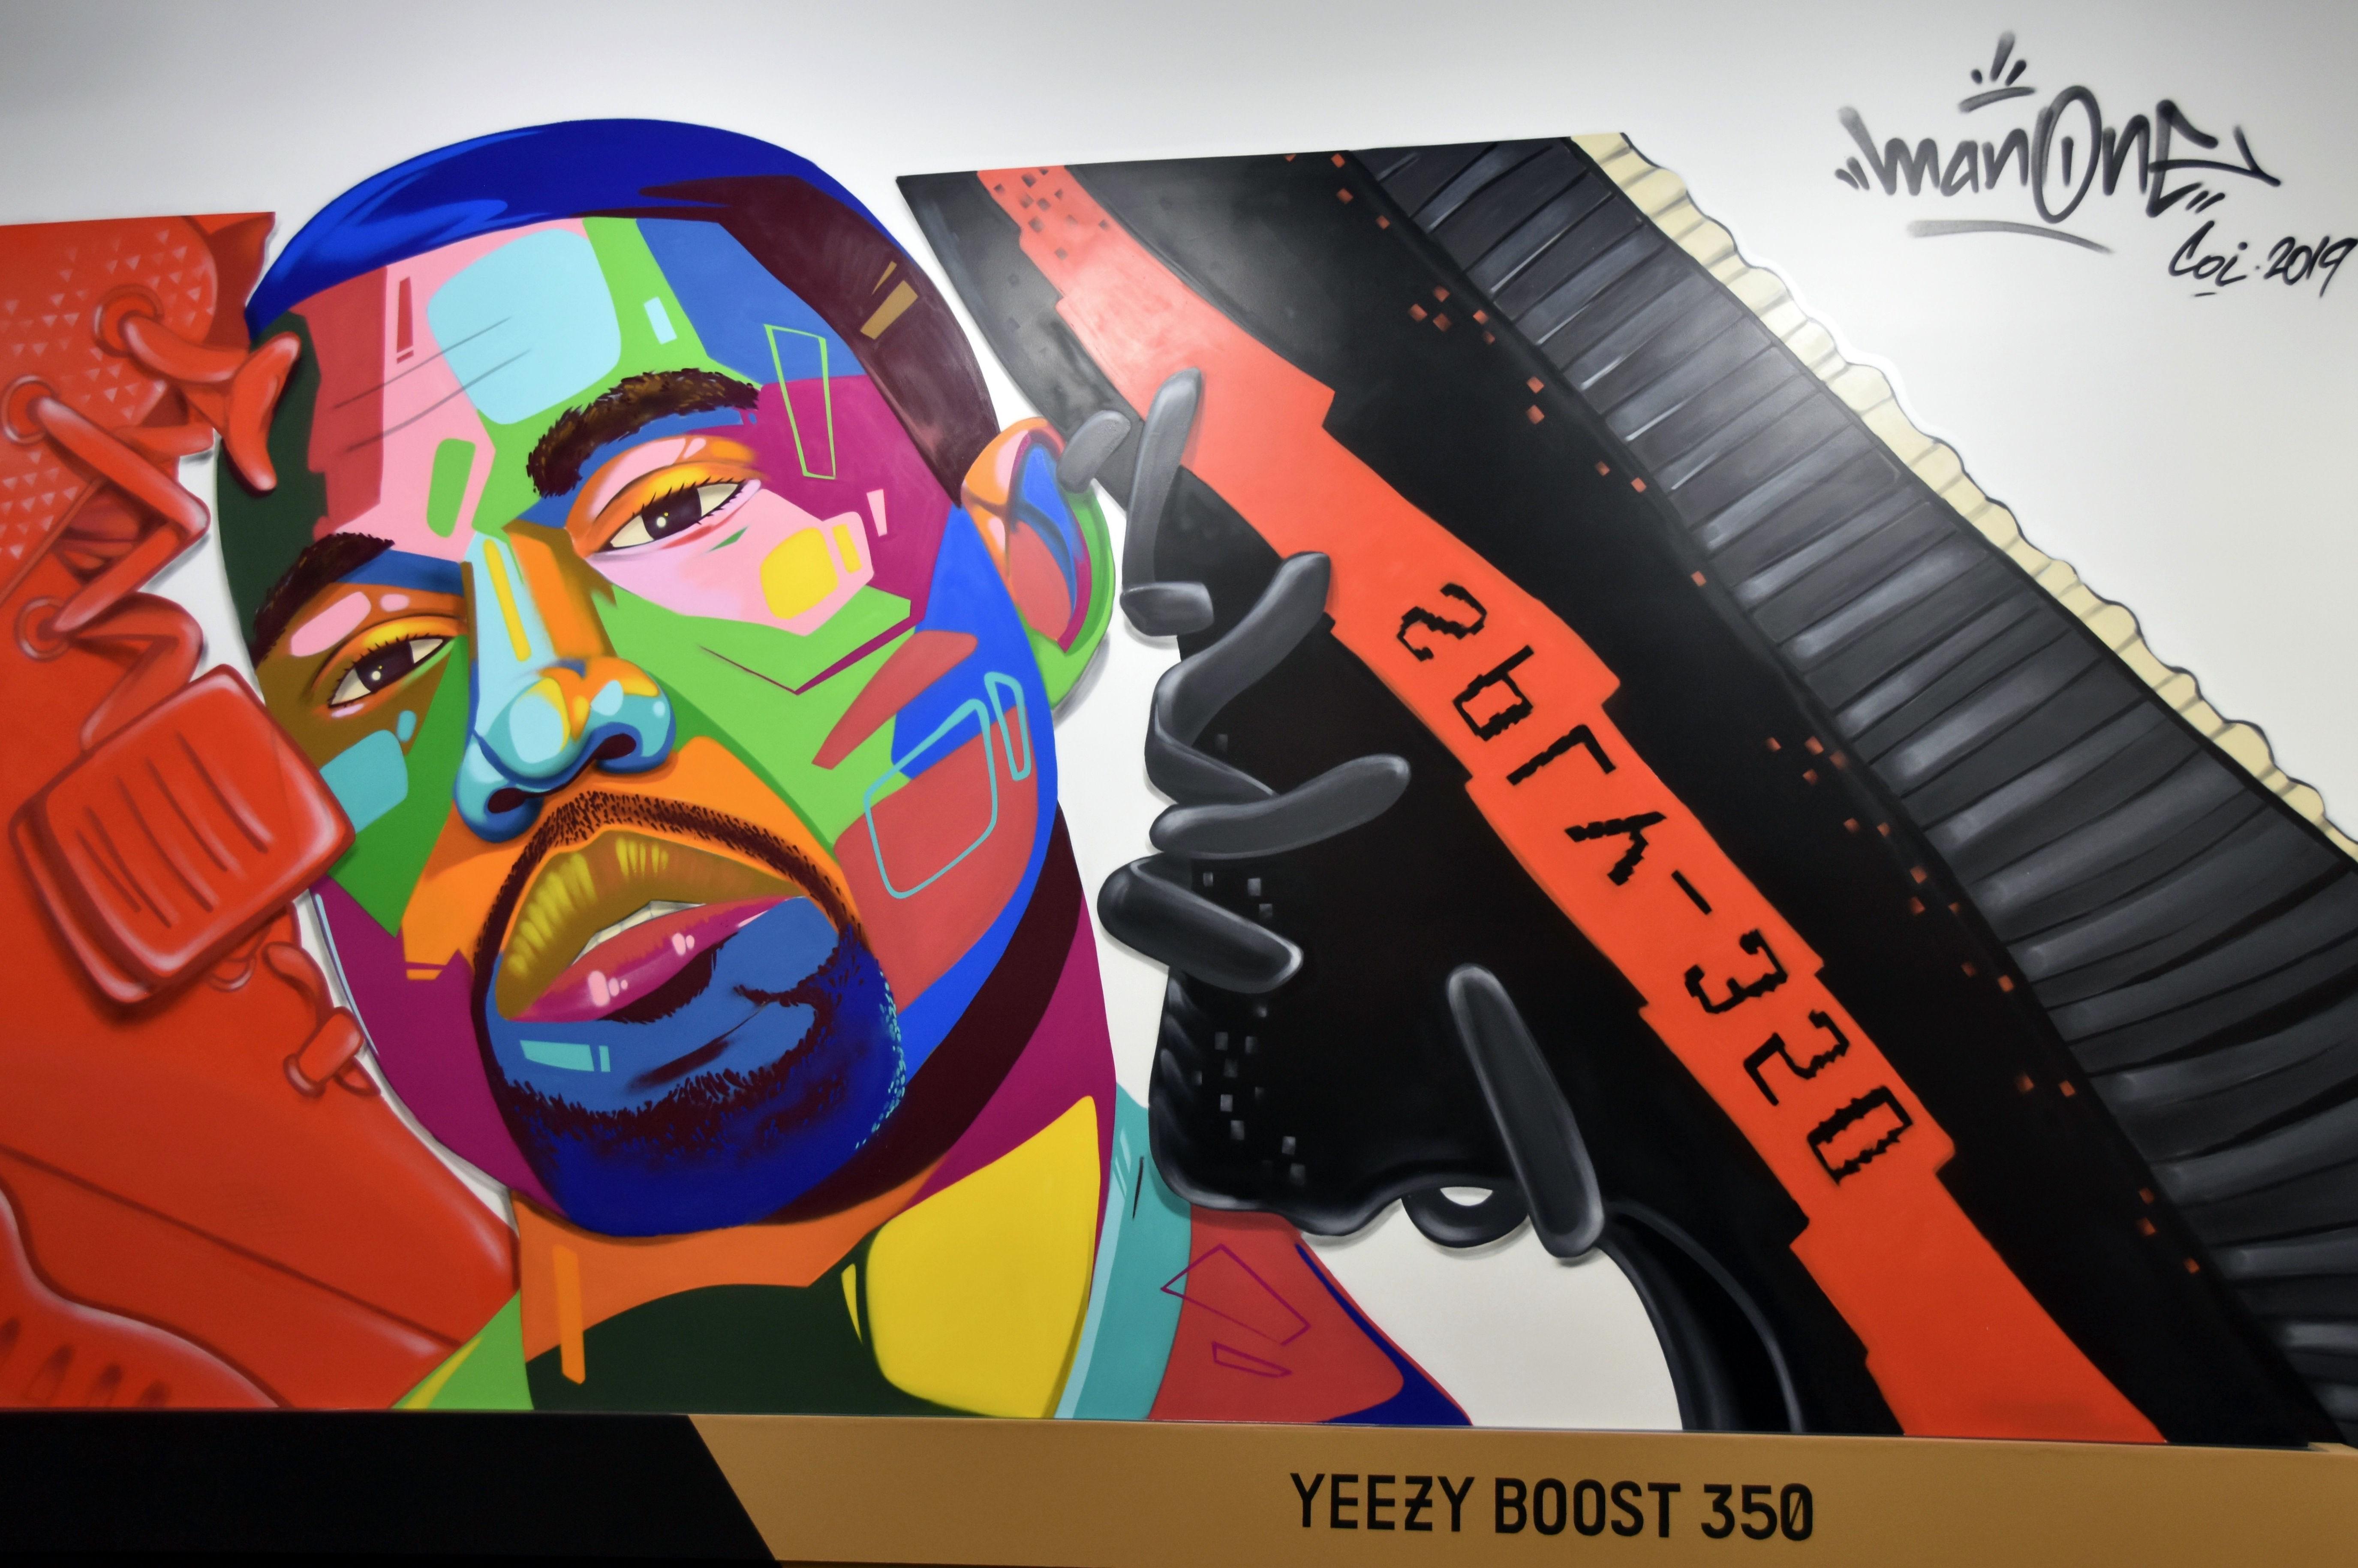 """El muralista """"Man One"""" retrató al cantautor estadounidense Kanye West junto a una zapatilla."""